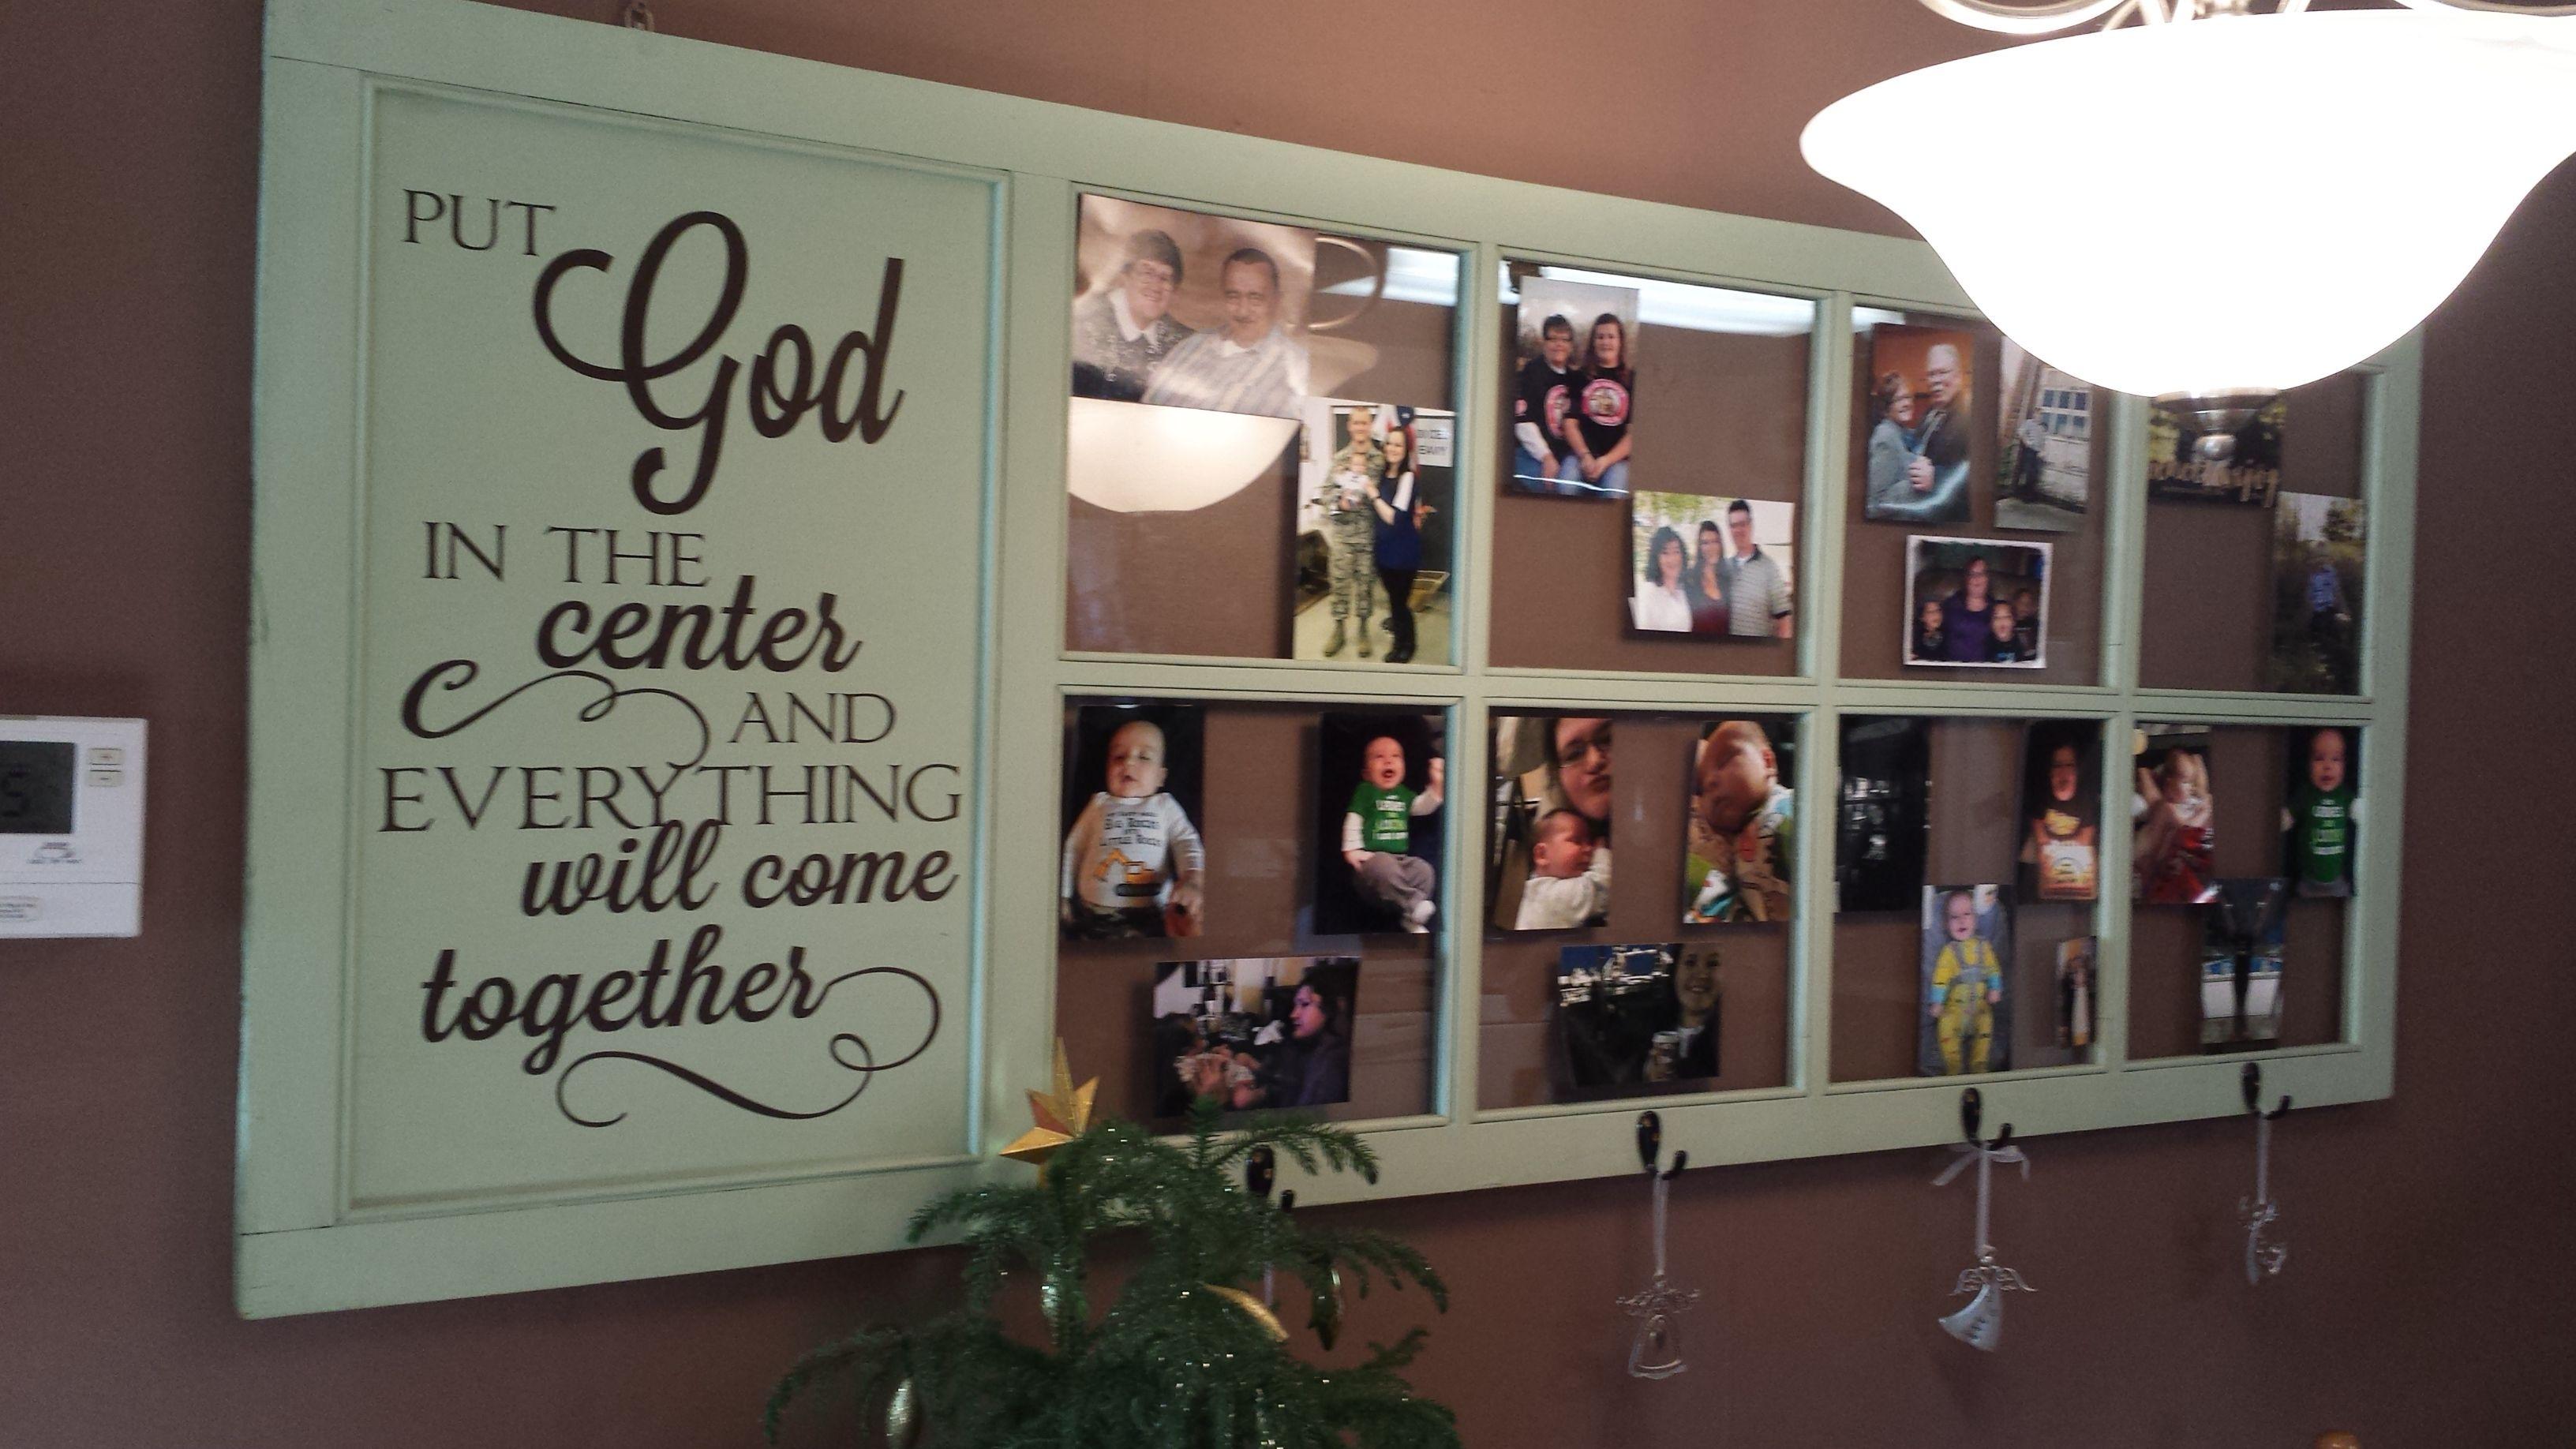 Put God In The Center Religious Quote Vinyl Wall Decal Religious - How to put a vinyl decal on a wall